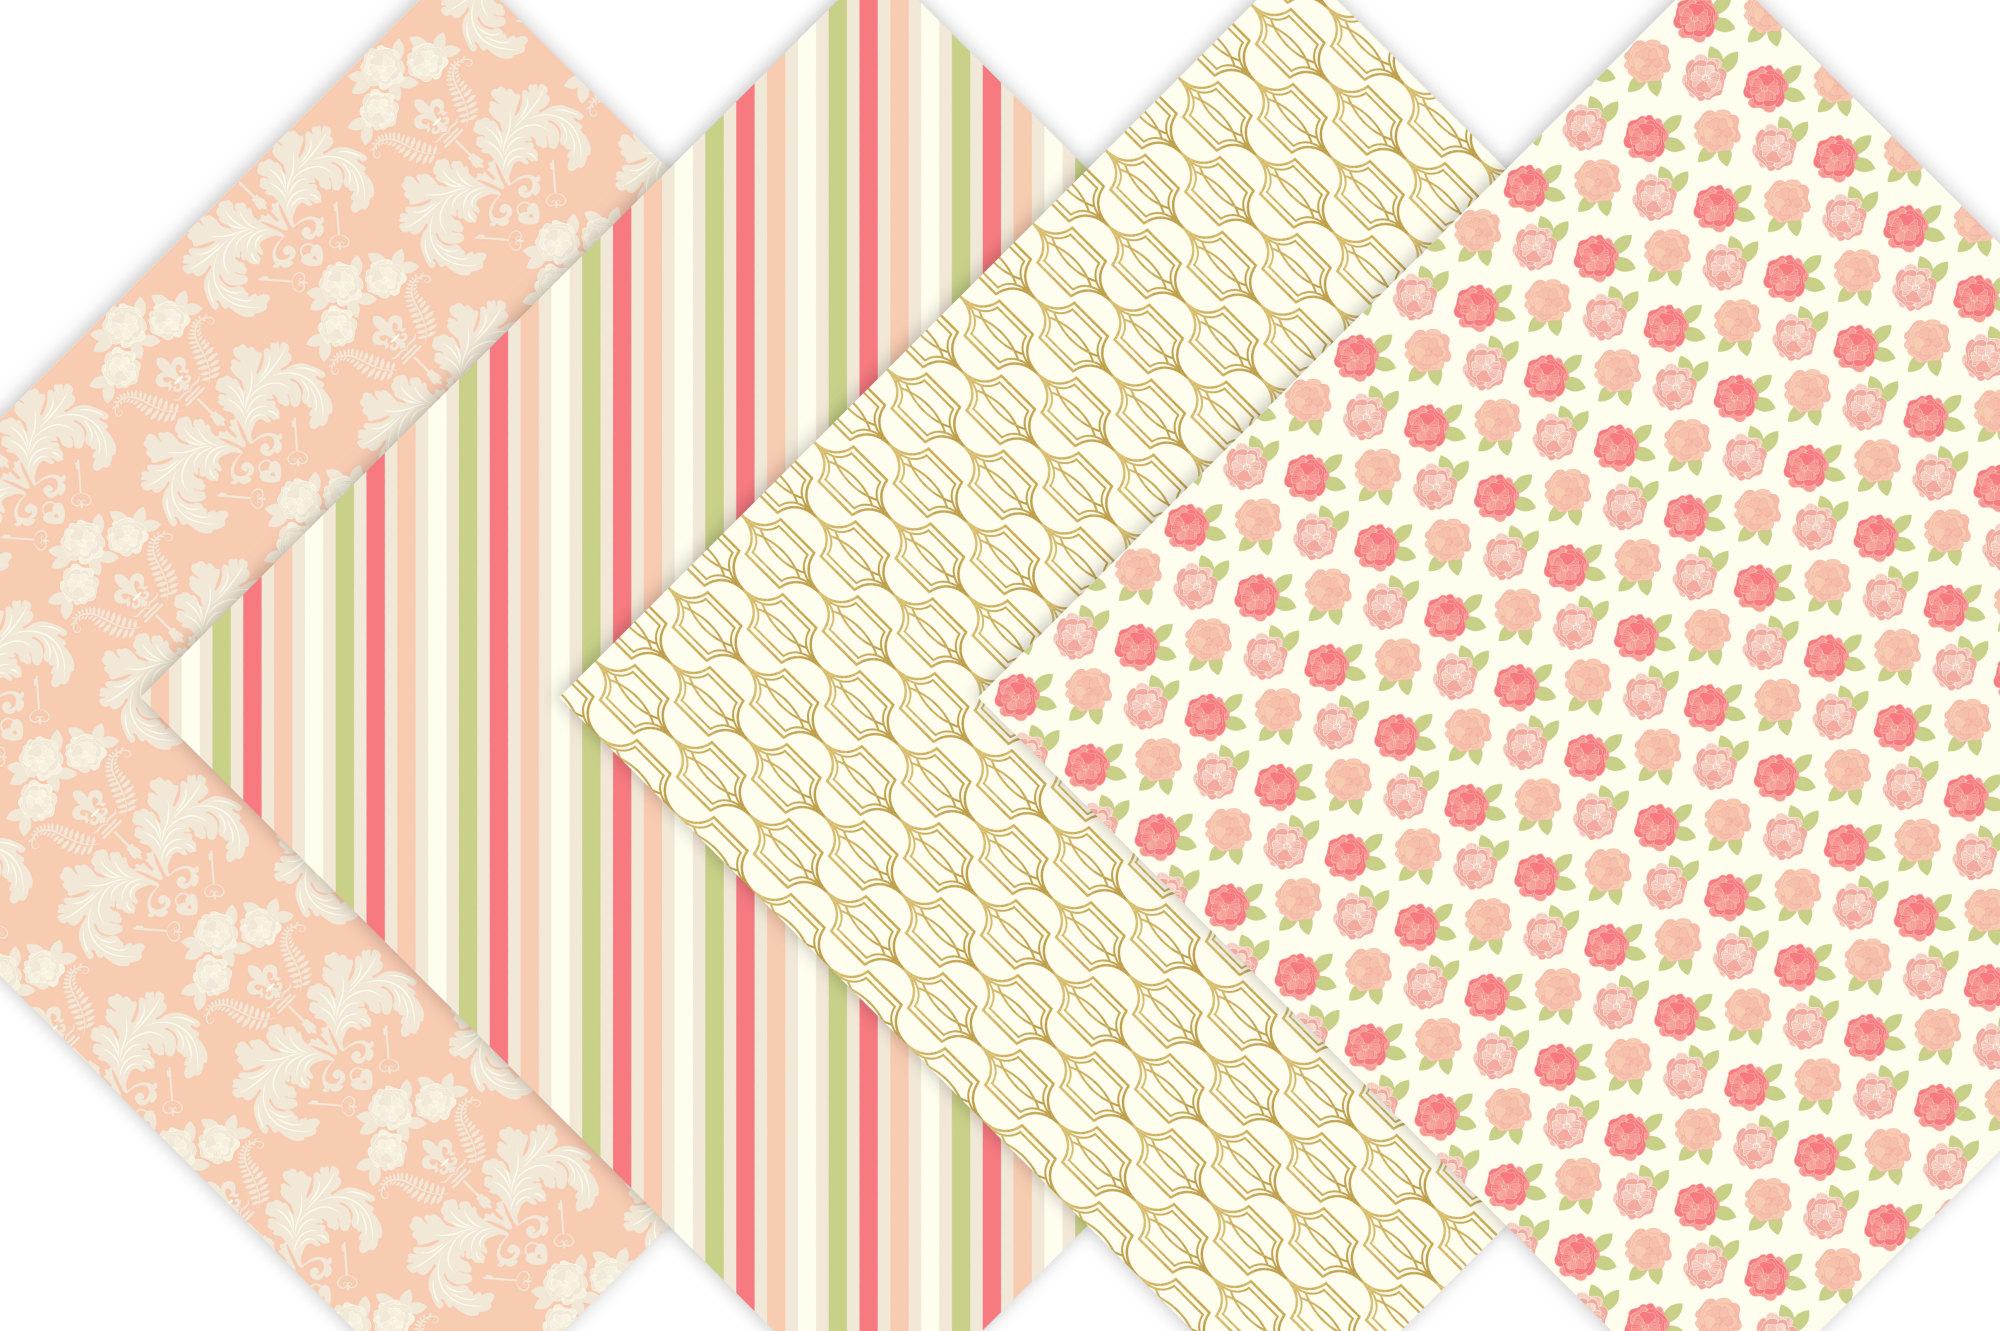 Gold Floral Digital Patterns - Digital Scrapbook Paper example image 2